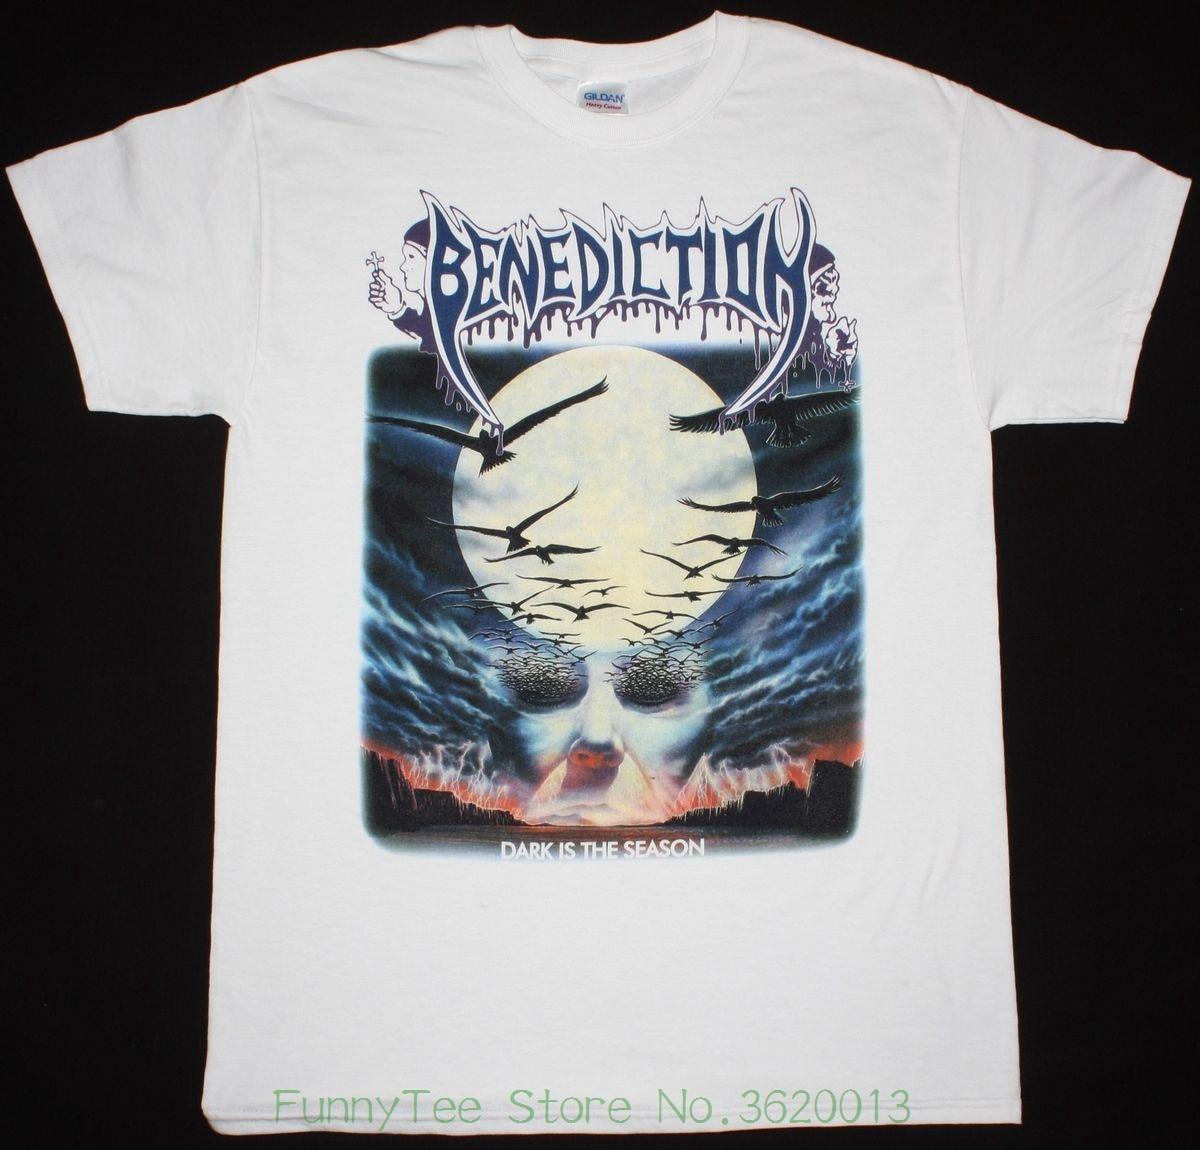 Благословение темно-сезон расчленить напалм смерти S-XXL Новый белая футболка ...